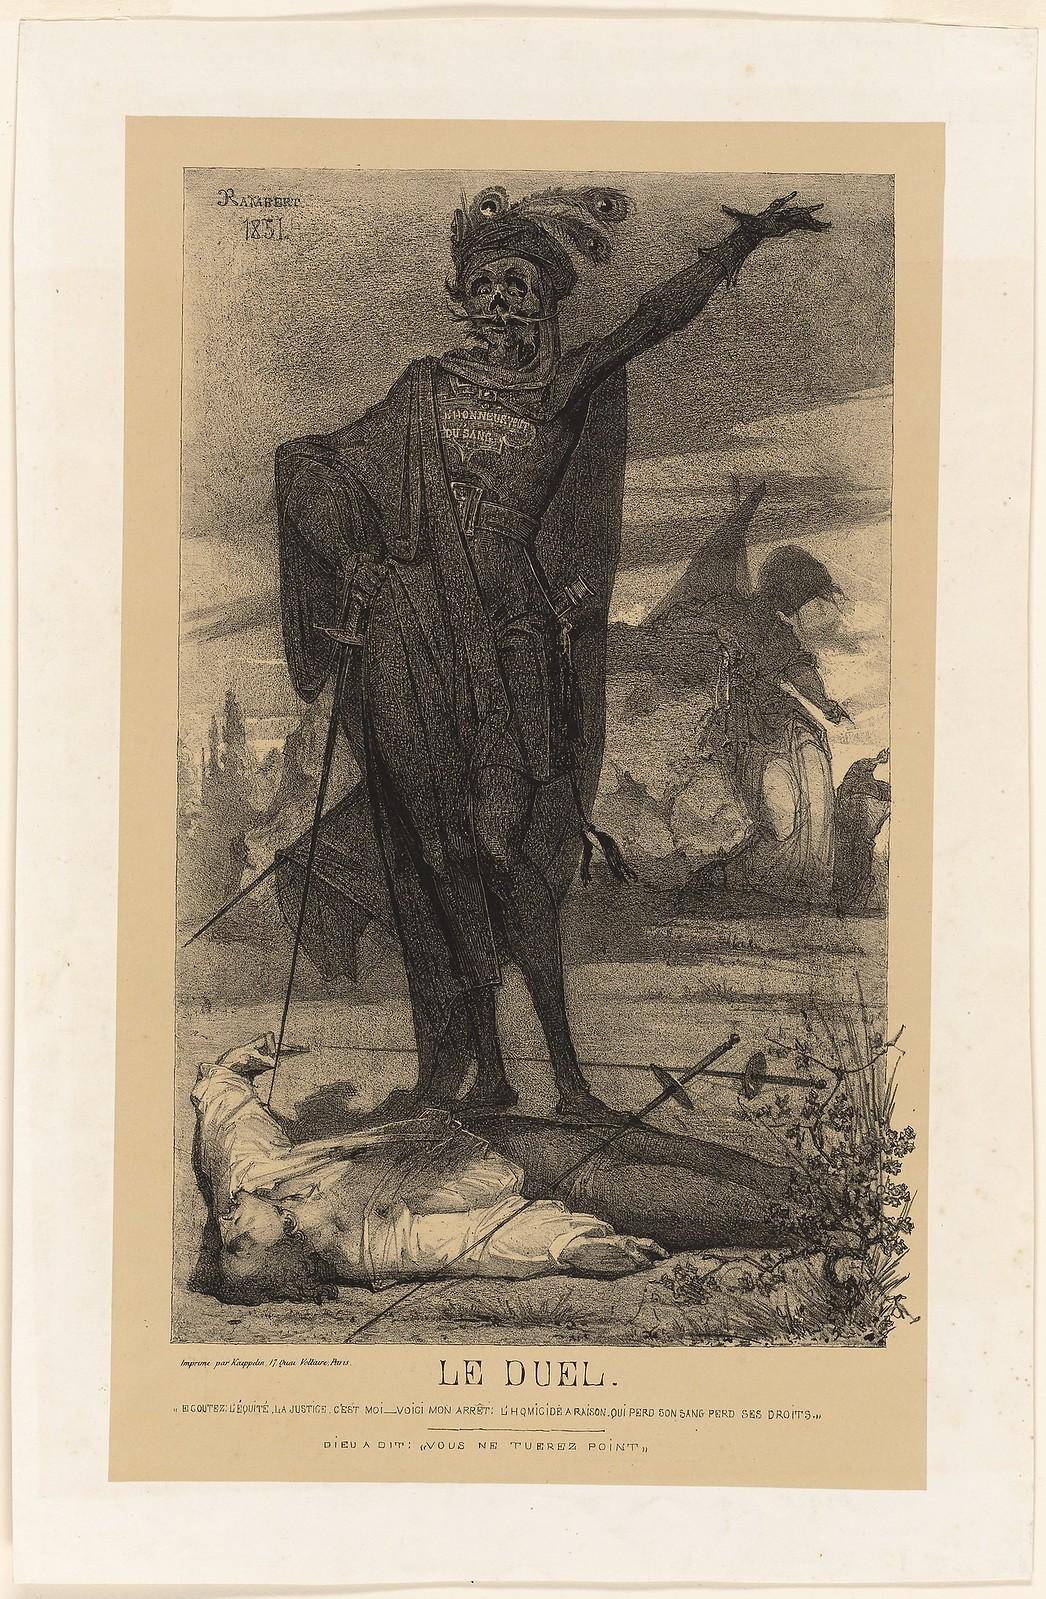 Charles Rambert - The Duel, 1851